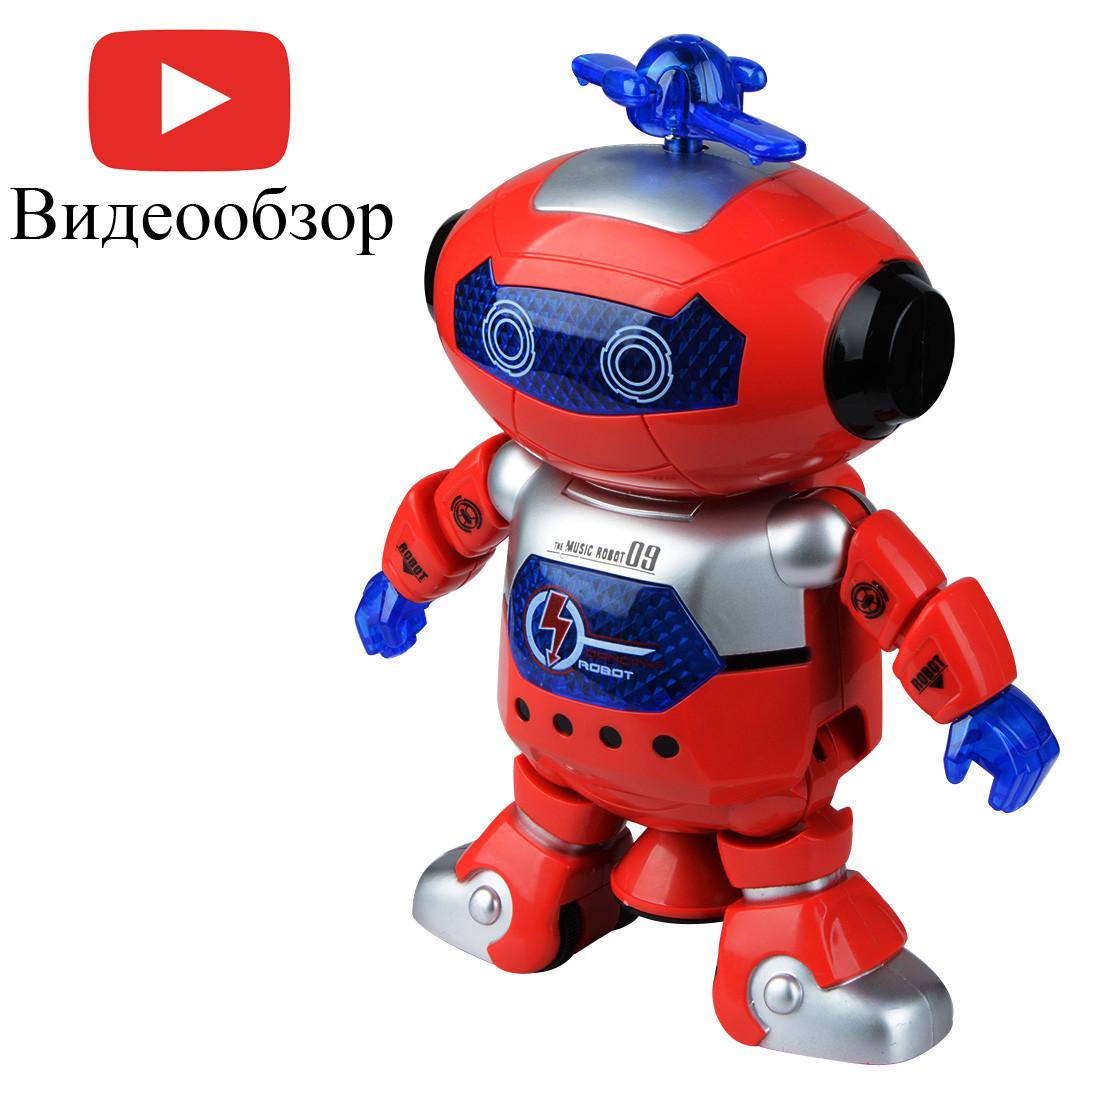 Музыкальный танцующий светящийся робот Dancing Robot (99444-3) Red #S/O